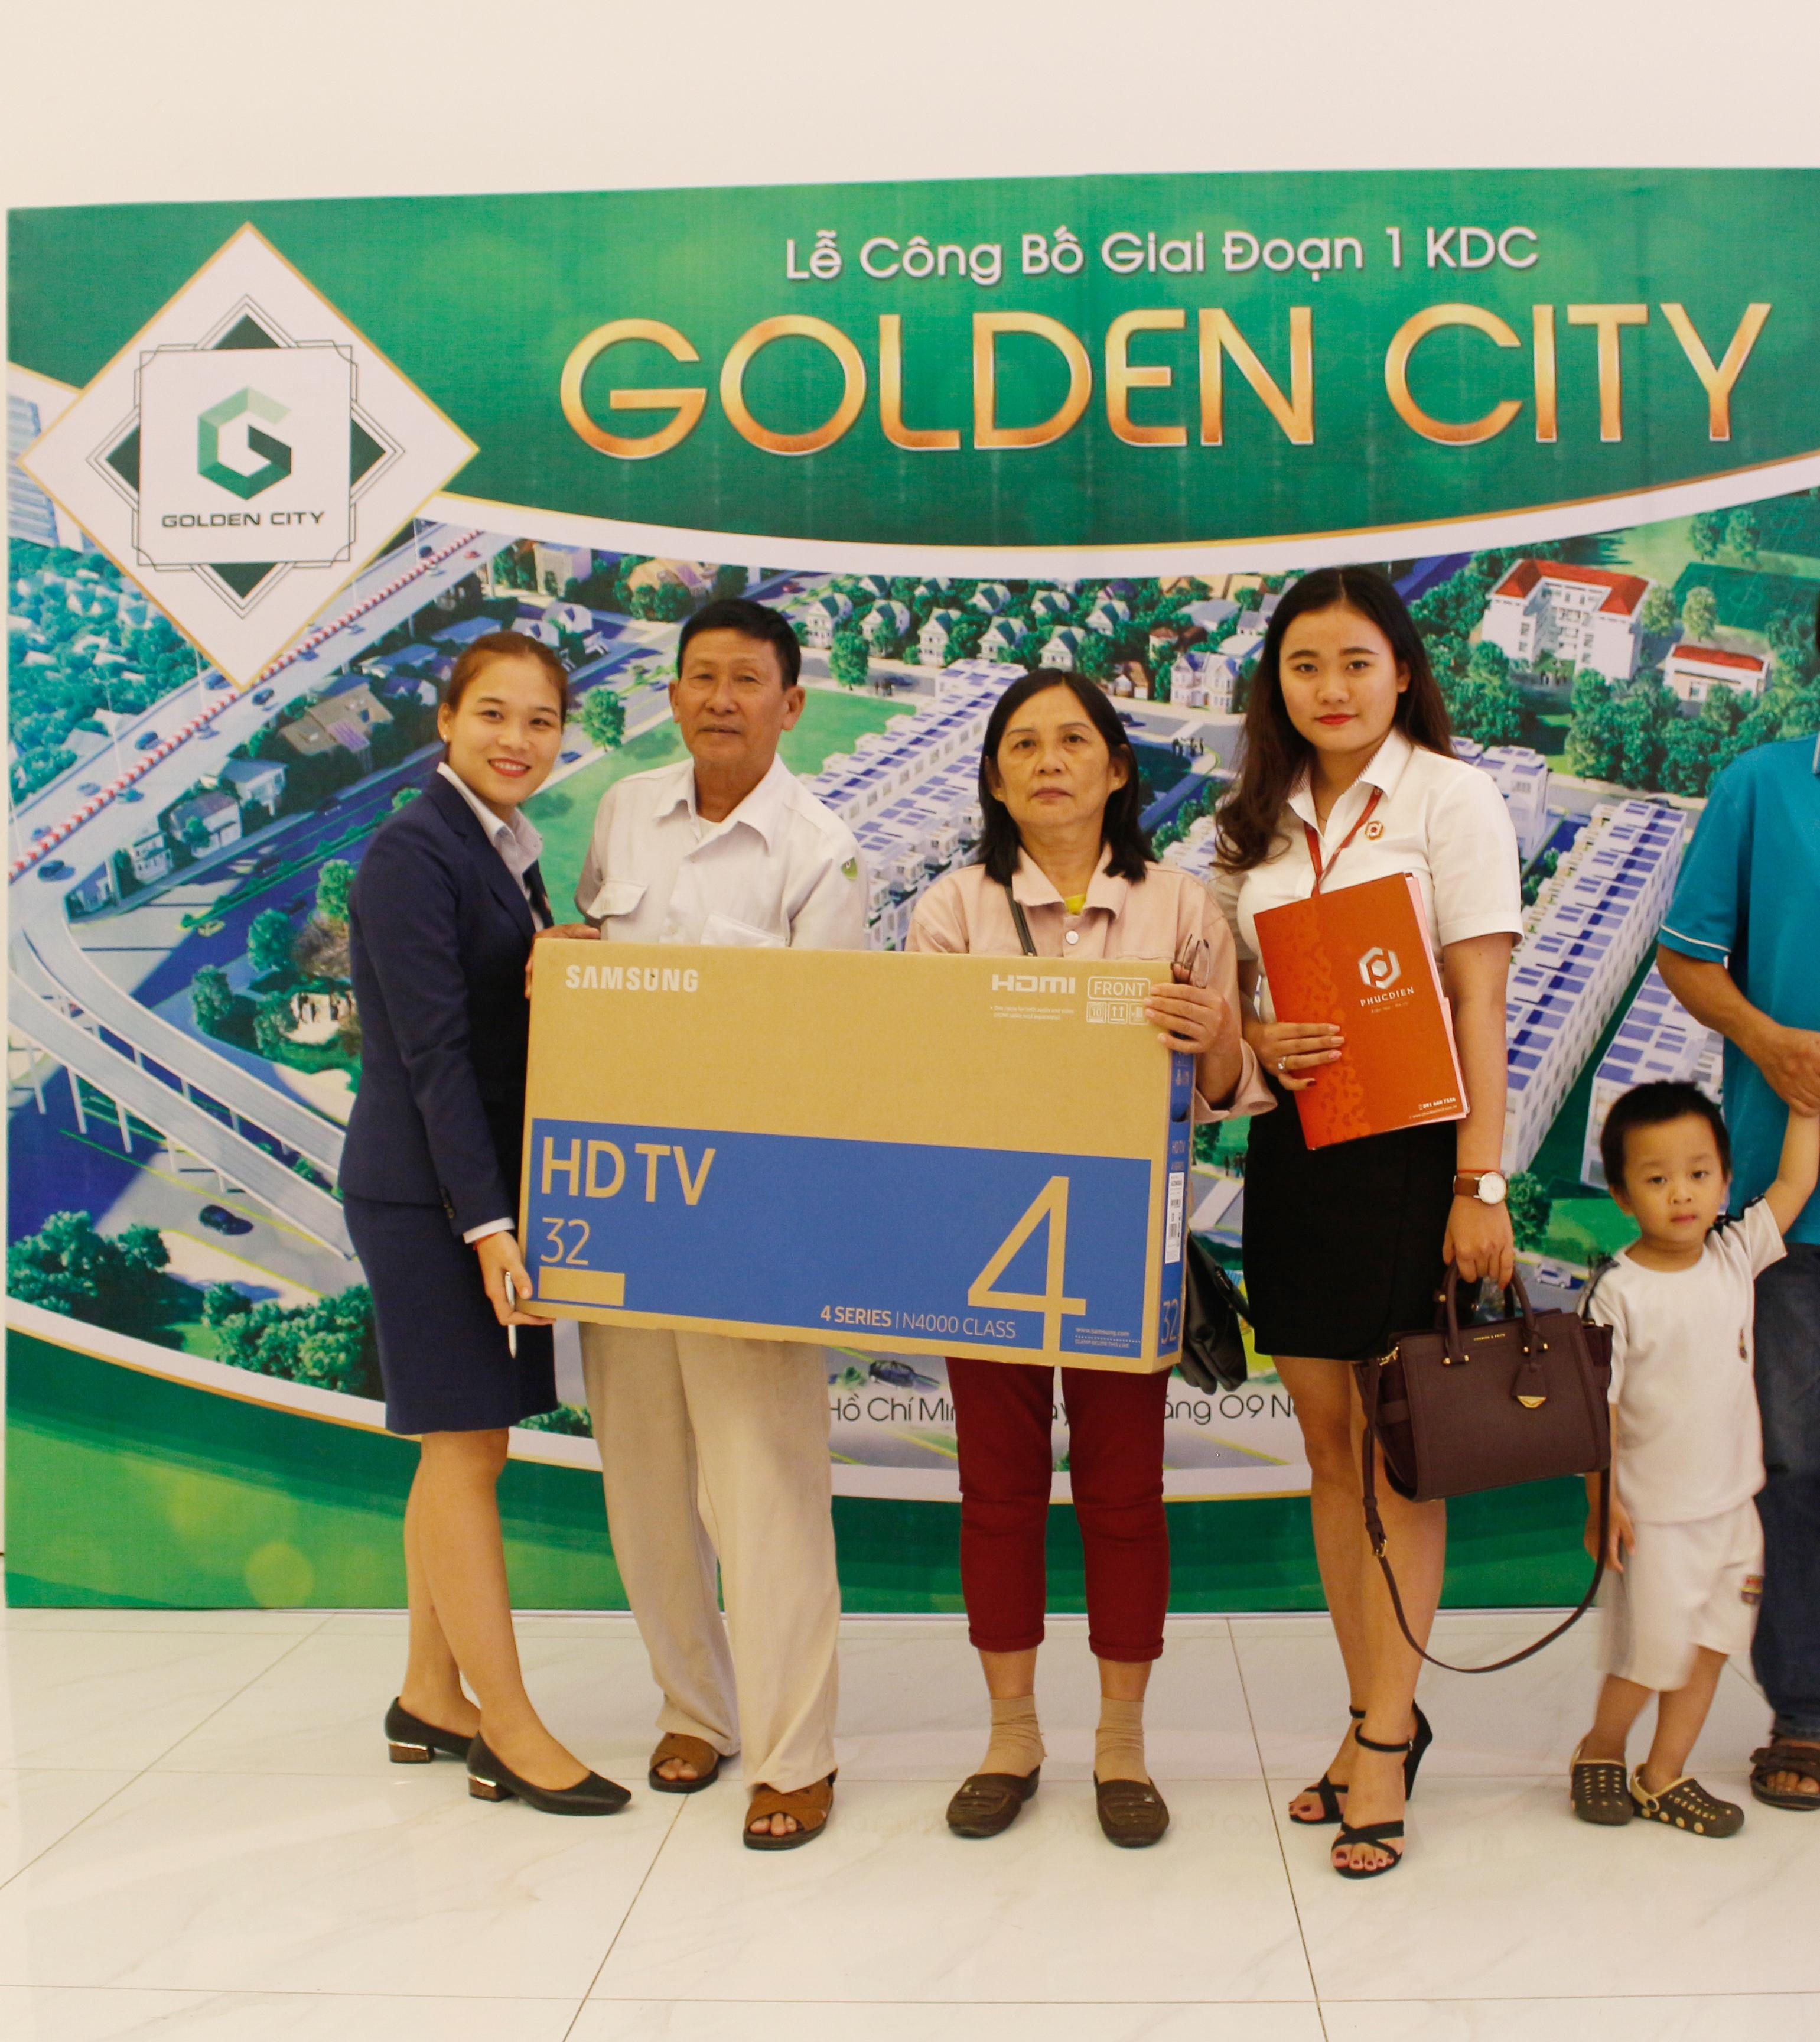 Hơn 90% giao dịch thành công tại buổi lễ công bố giai đoạn 1 KDC Golden City 11